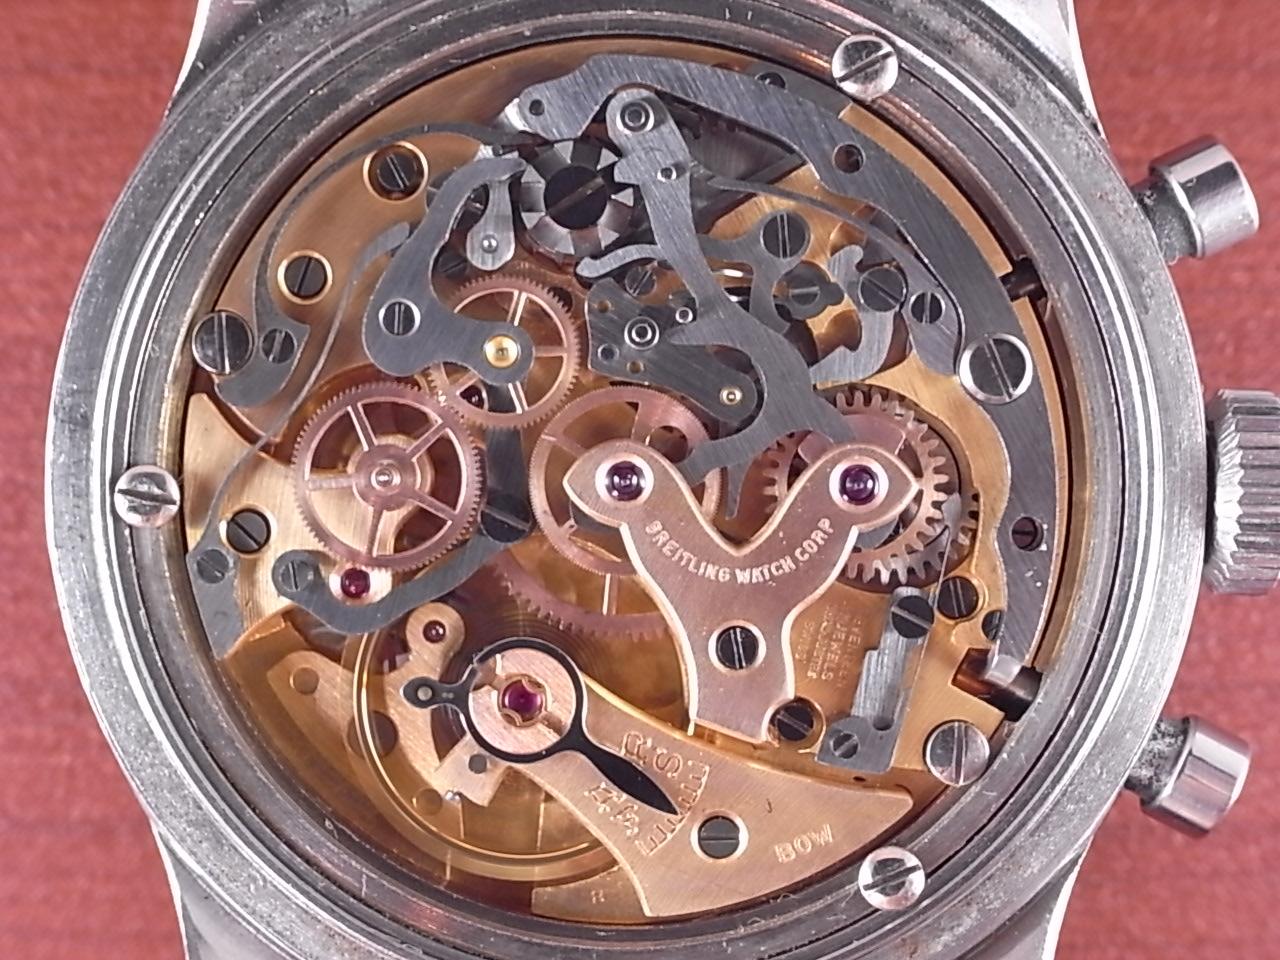 ブライトリング ナビタイマー ファースト Ref.806 ヴィーナス178 1950年代の写真5枚目